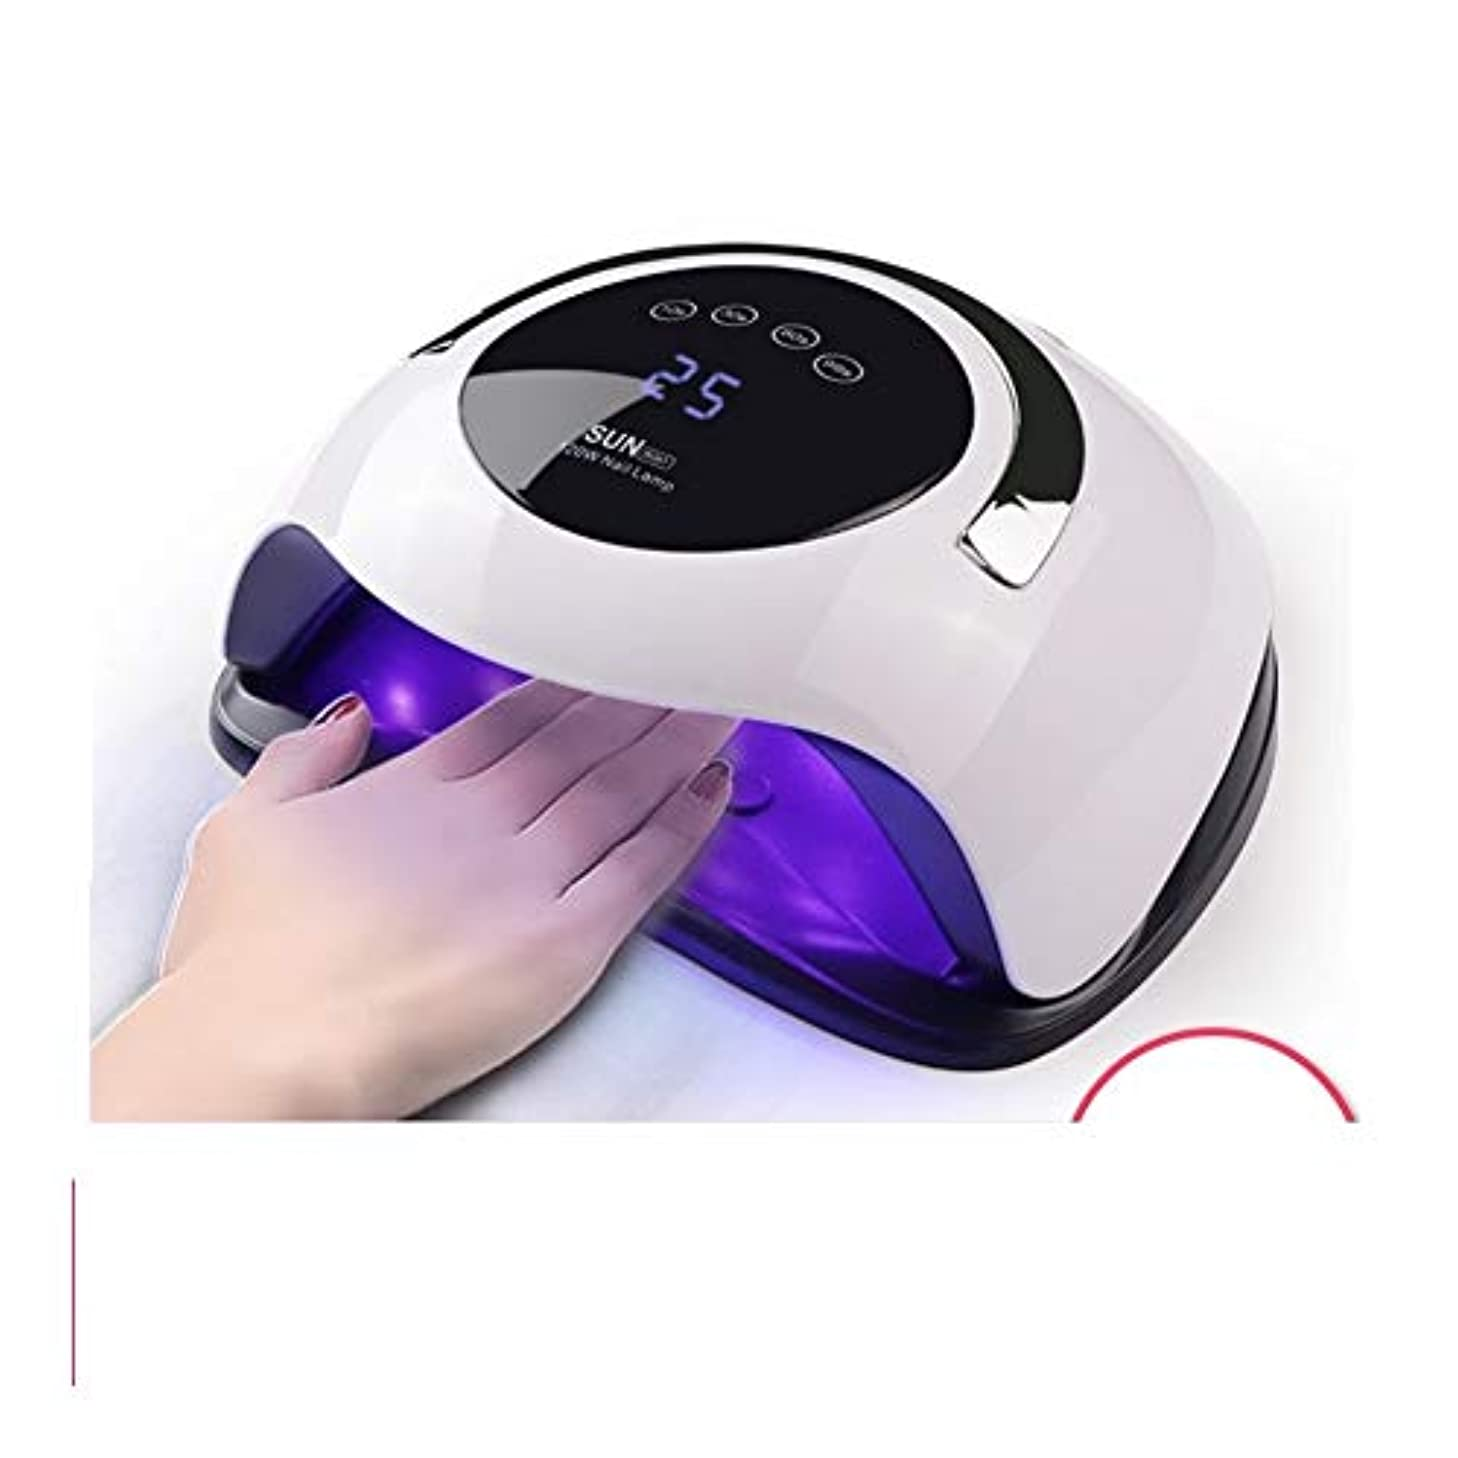 アカデミーホスト気になるLittleCat 120Wライトセラピー機ドライヤーBQ5Tスマートセンサプラスチックネイルポリッシュ光線療法ライト光線療法ライトローストツール (色 : American standard flat plug)